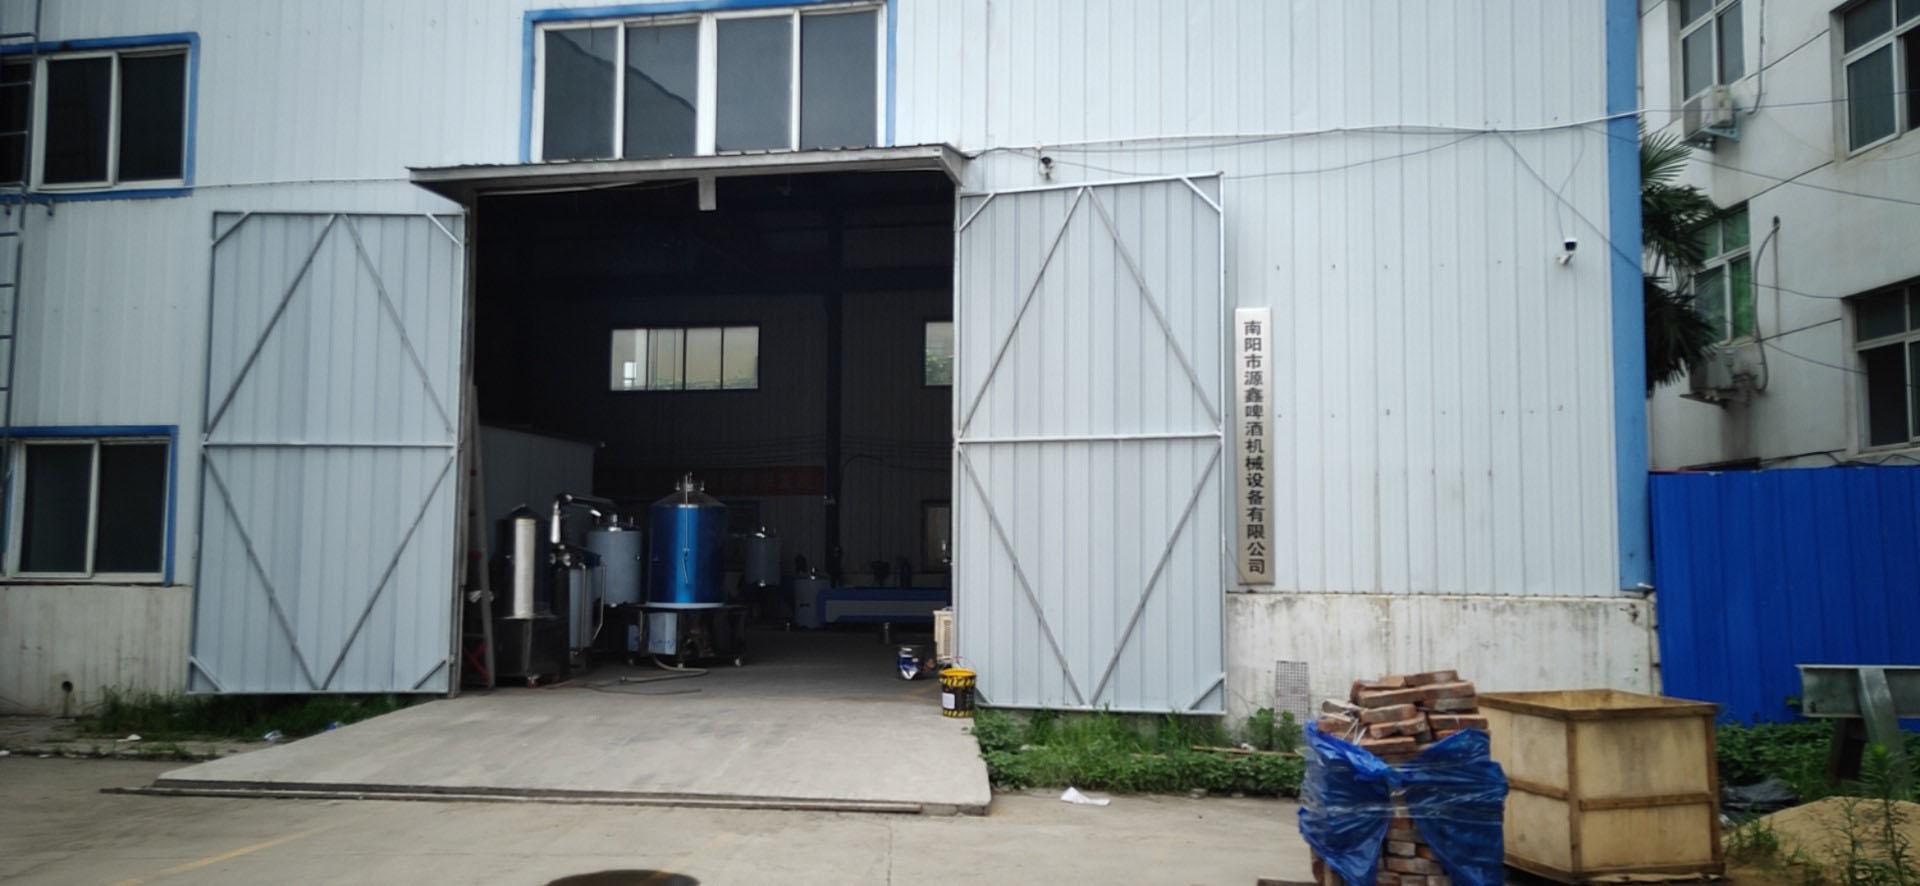 源鑫啤酒設備工廠大門展示